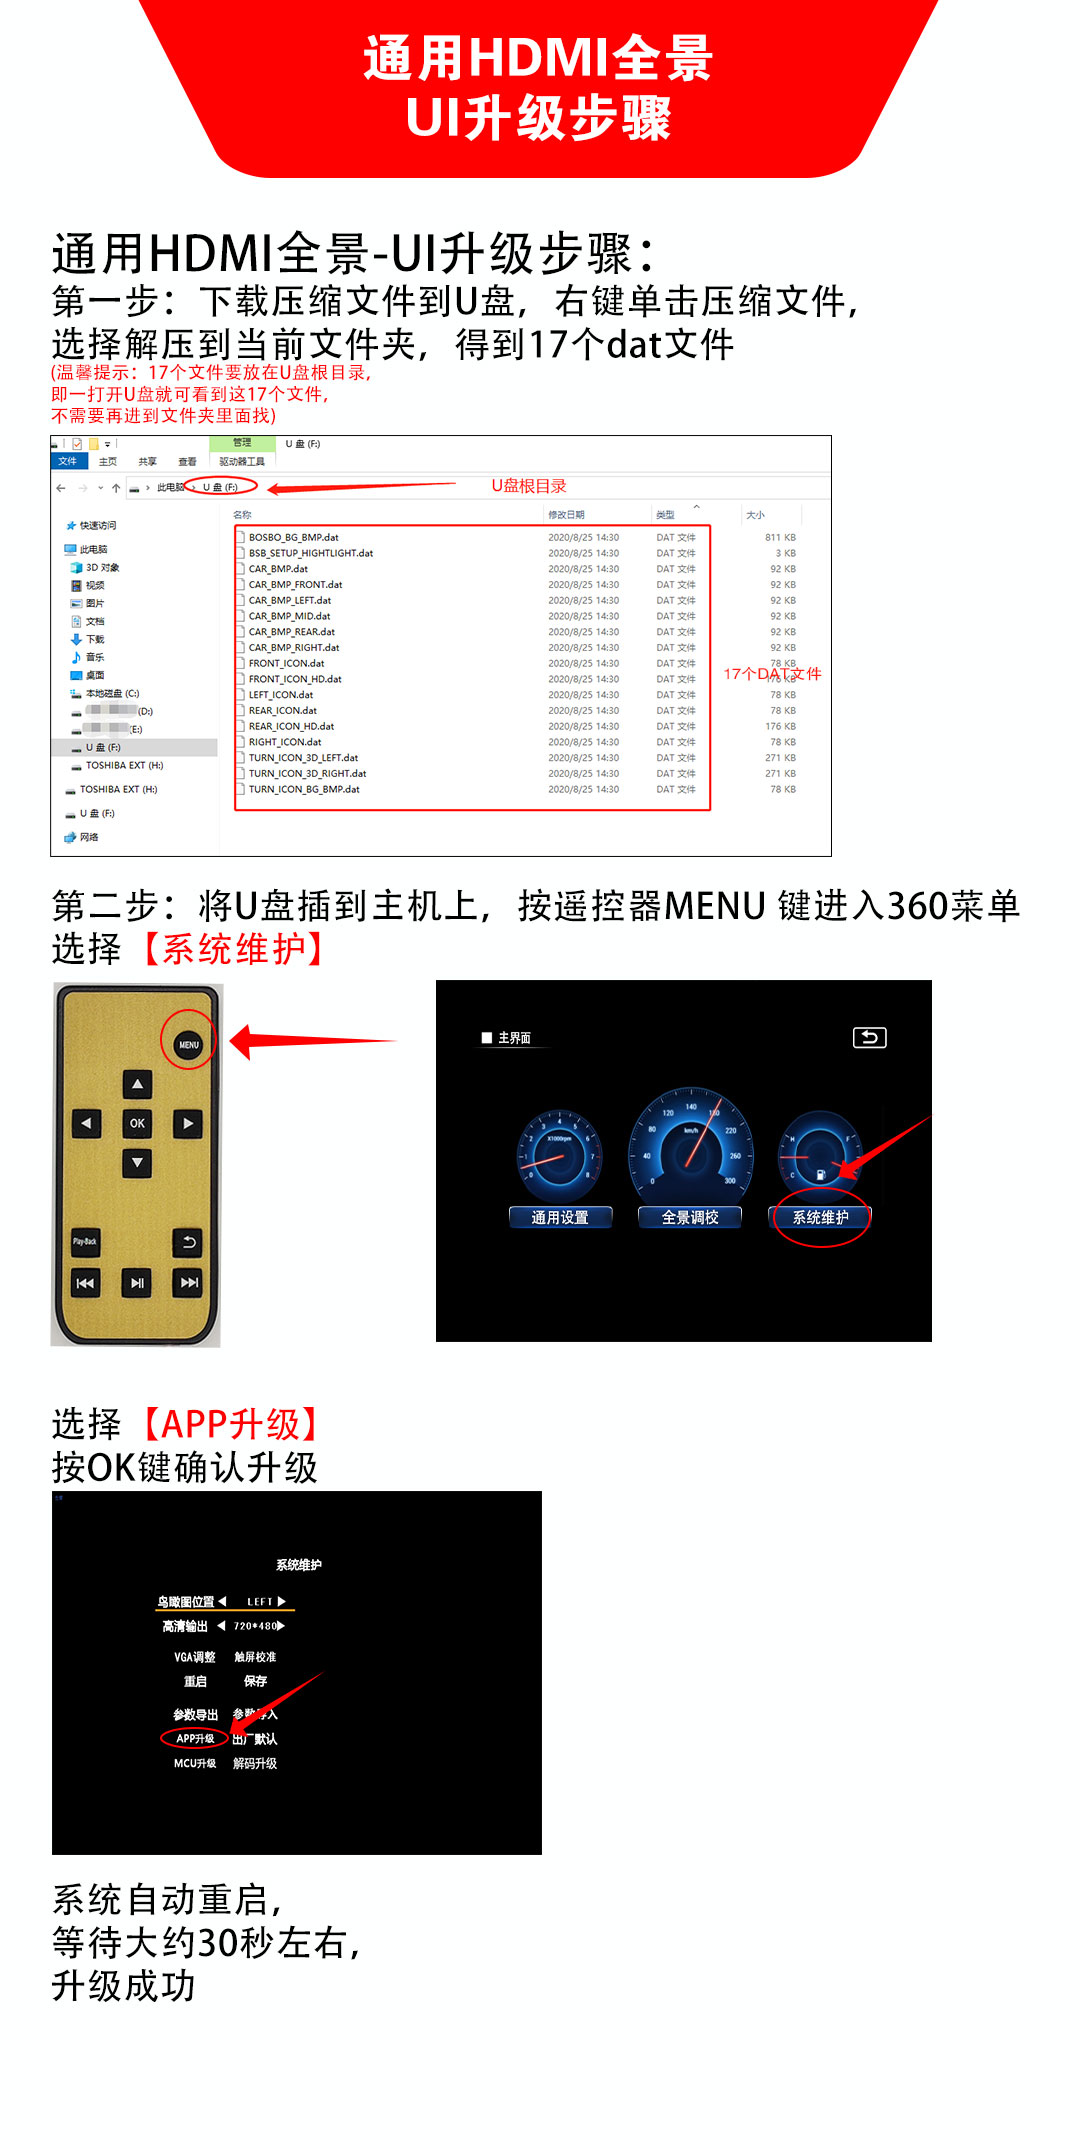 通用HDMI全景UI升級步驟說明.jpg